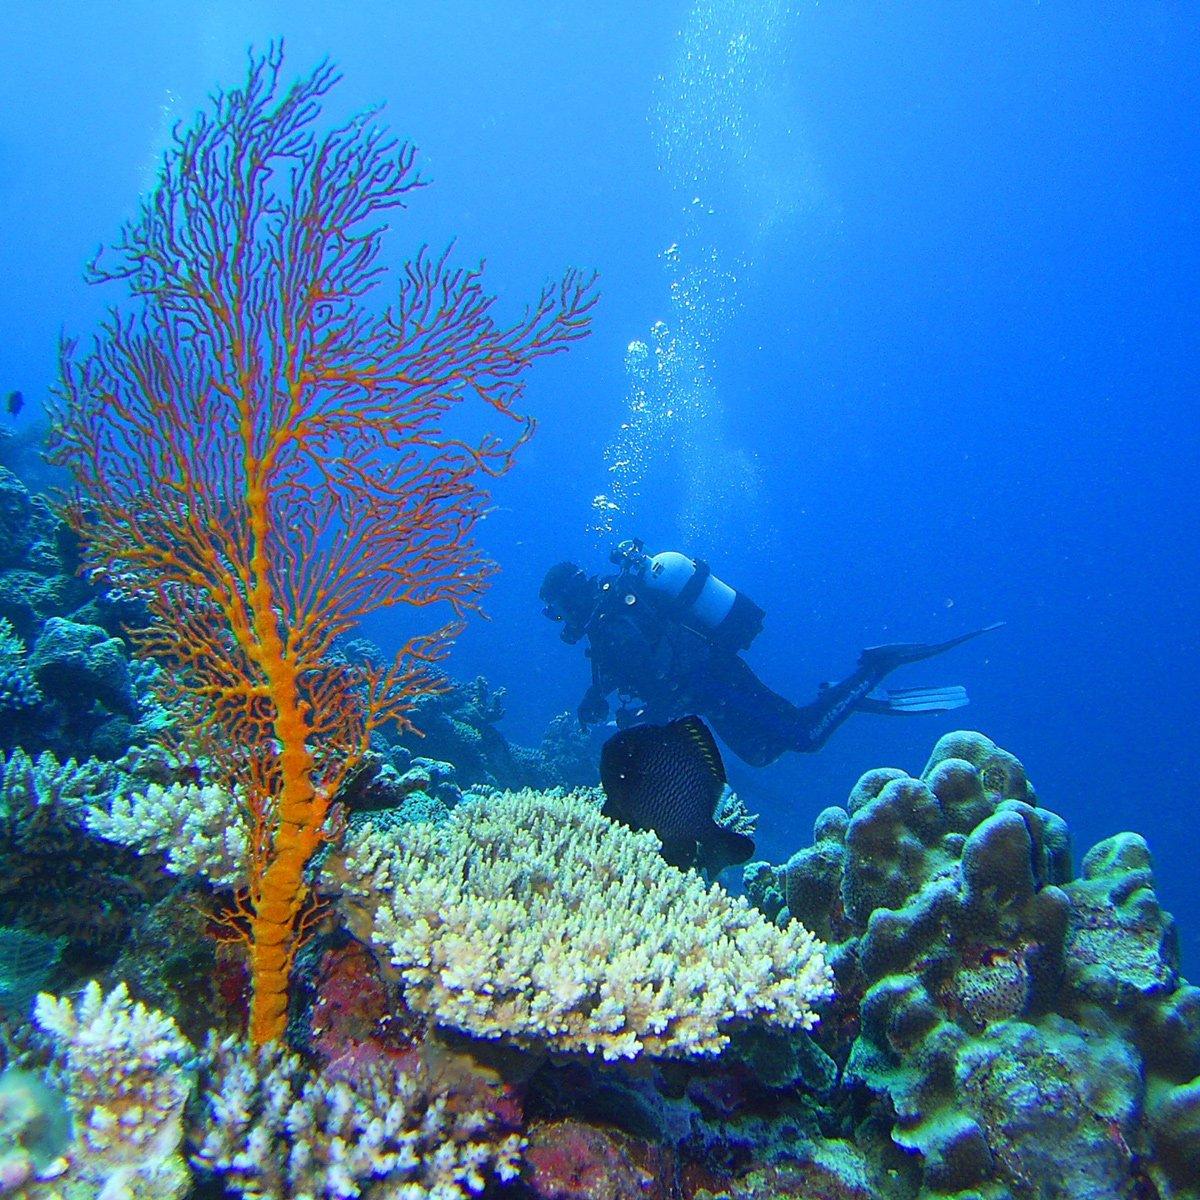 Mermaid Reef Marine Park | Australian Marine Parks